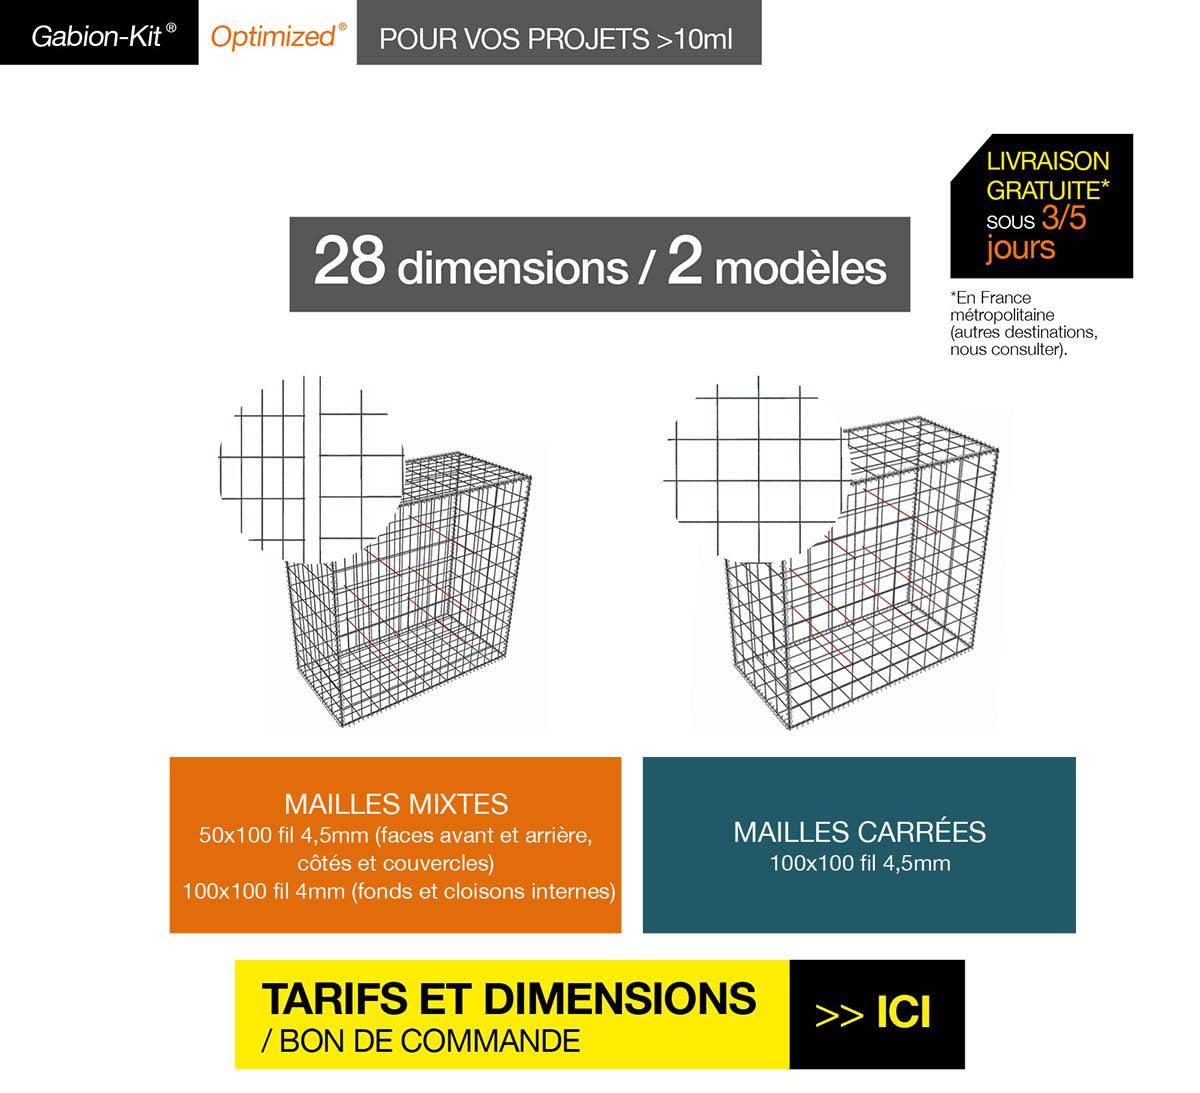 Le Gabion-Kit® Optimized® : Murs de clôture